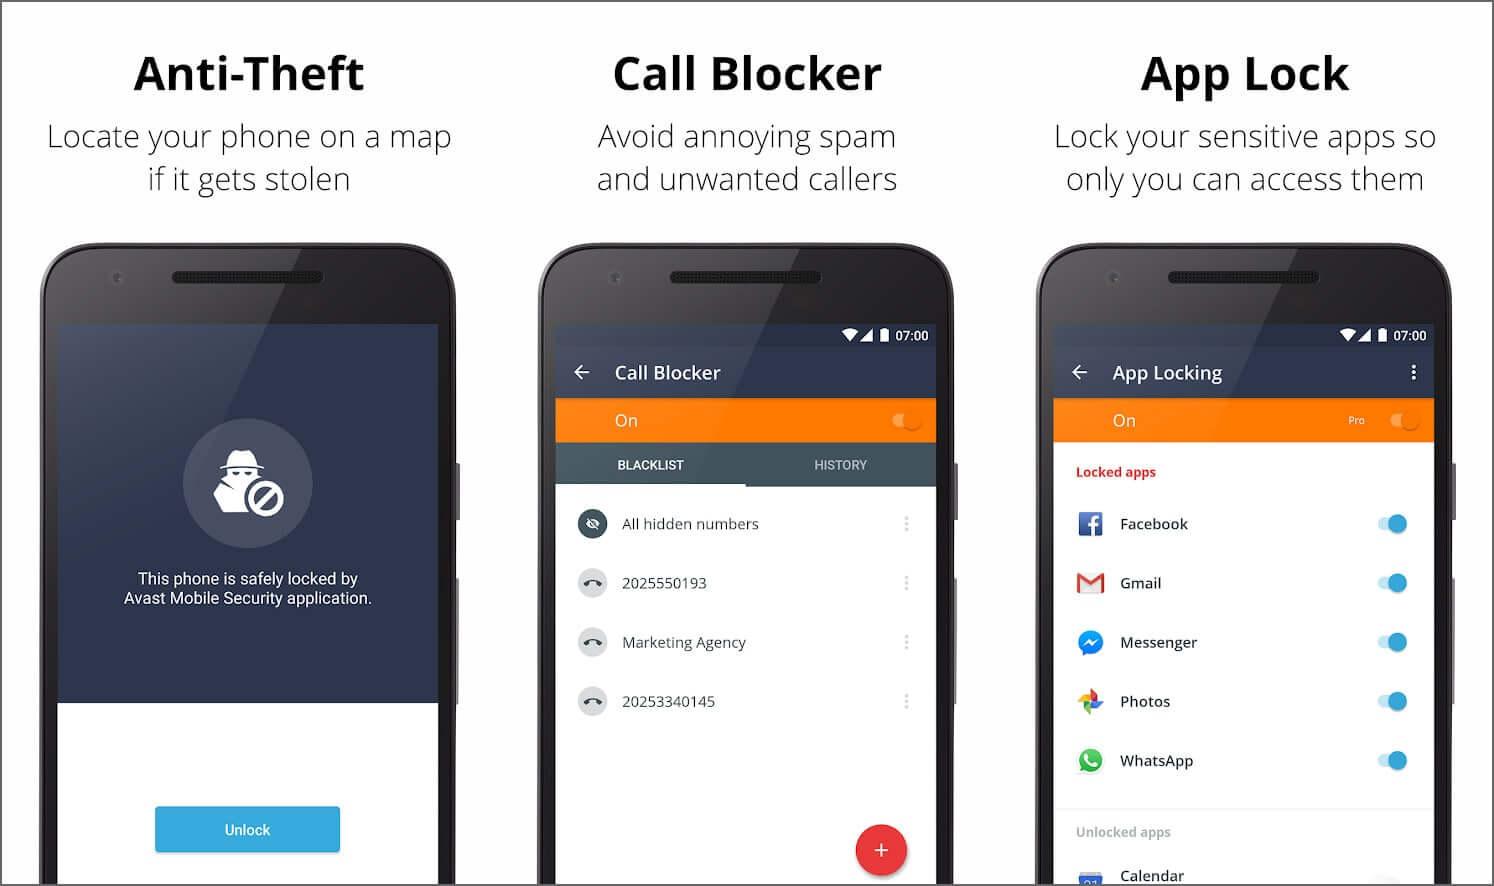 Avast App Lock